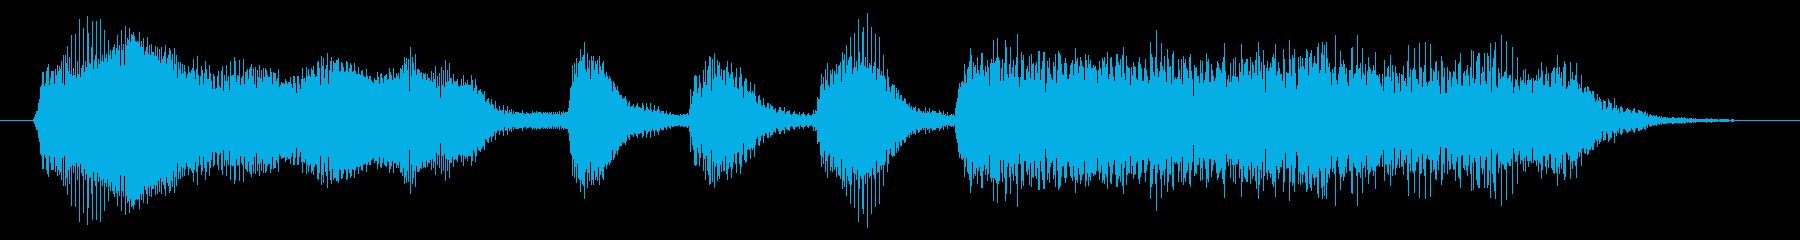 ストリングスの重い雰囲気のジングルの再生済みの波形